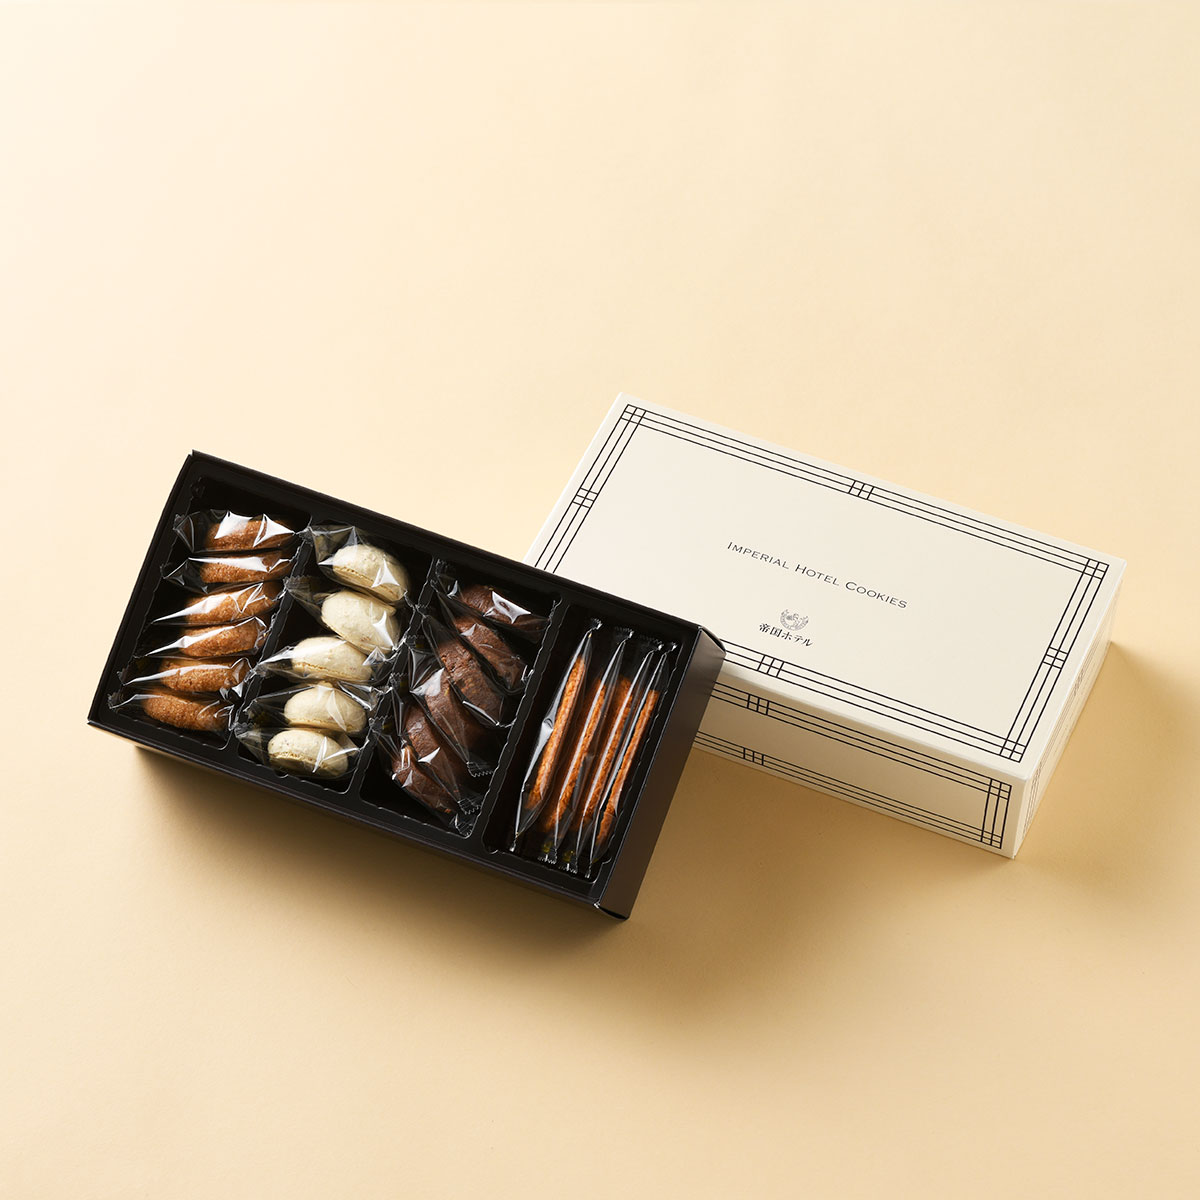 【3/25以降出荷予定】帝国ホテルクッキー 詰め合わせ セット(C-10N / 4種・21個入) / お歳暮